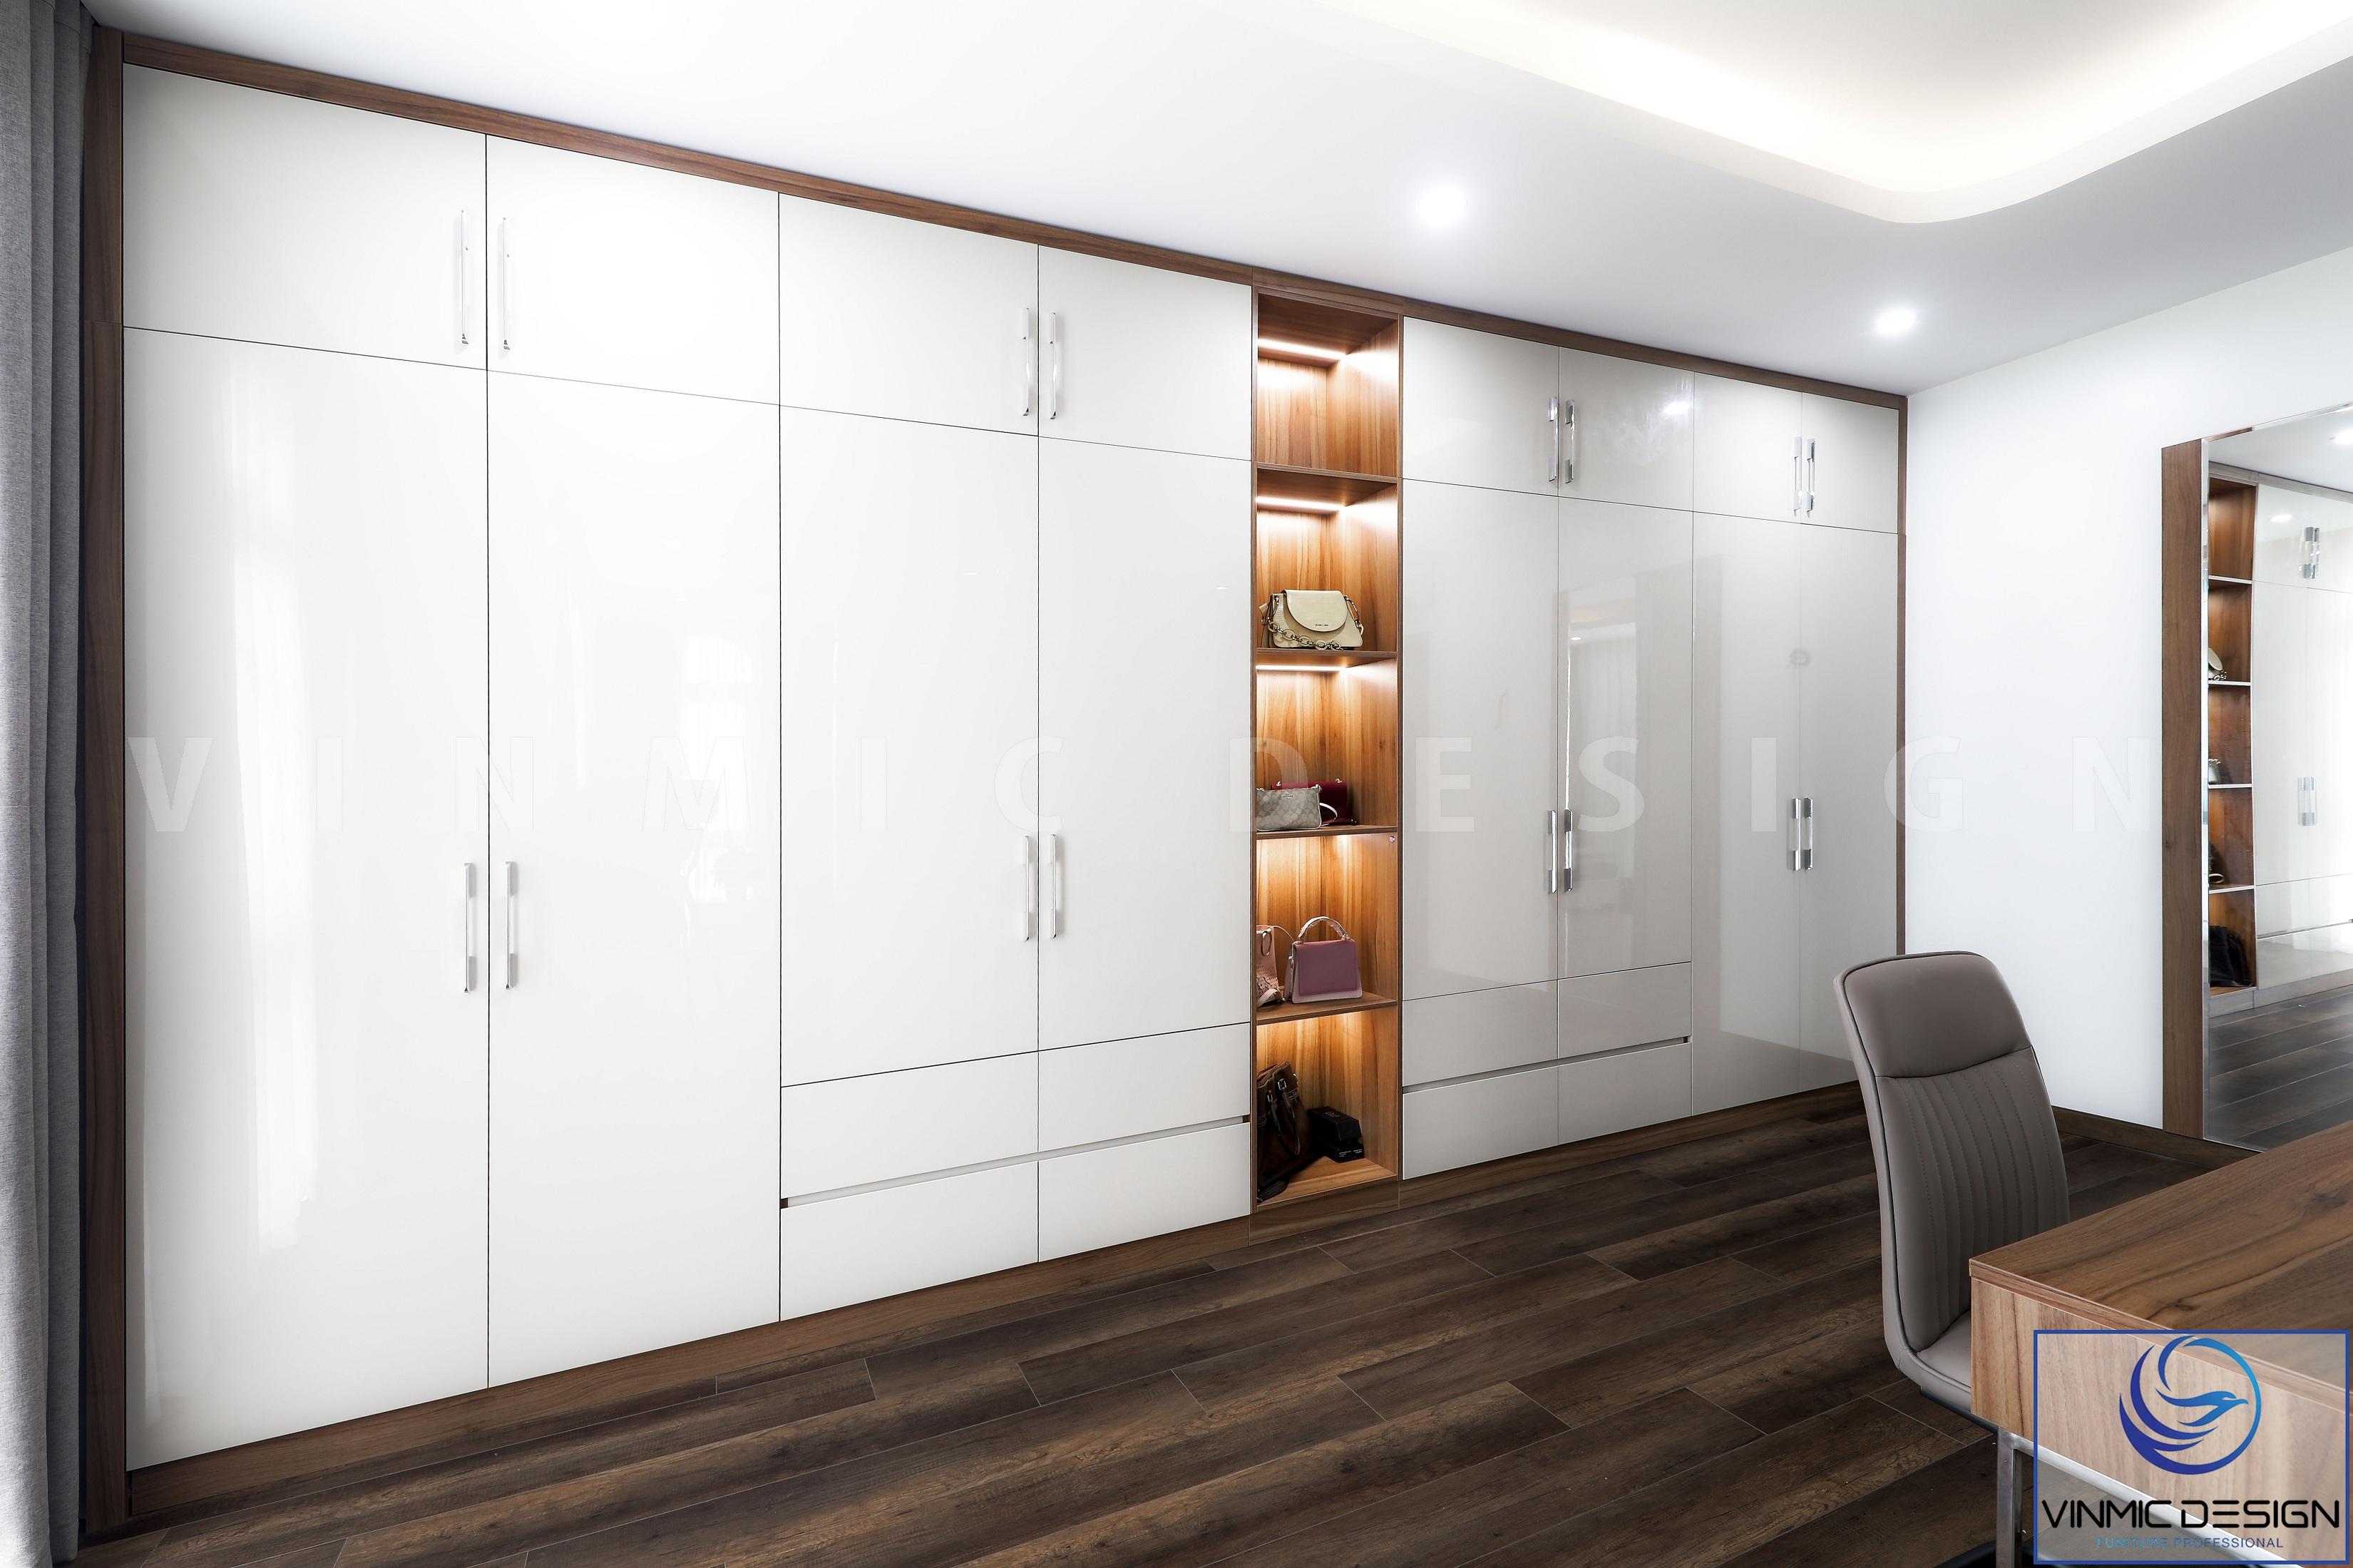 Tủ quần áo được tạo điểm nhấn với khu vực đợt ở giữa và hệ thống đèn led